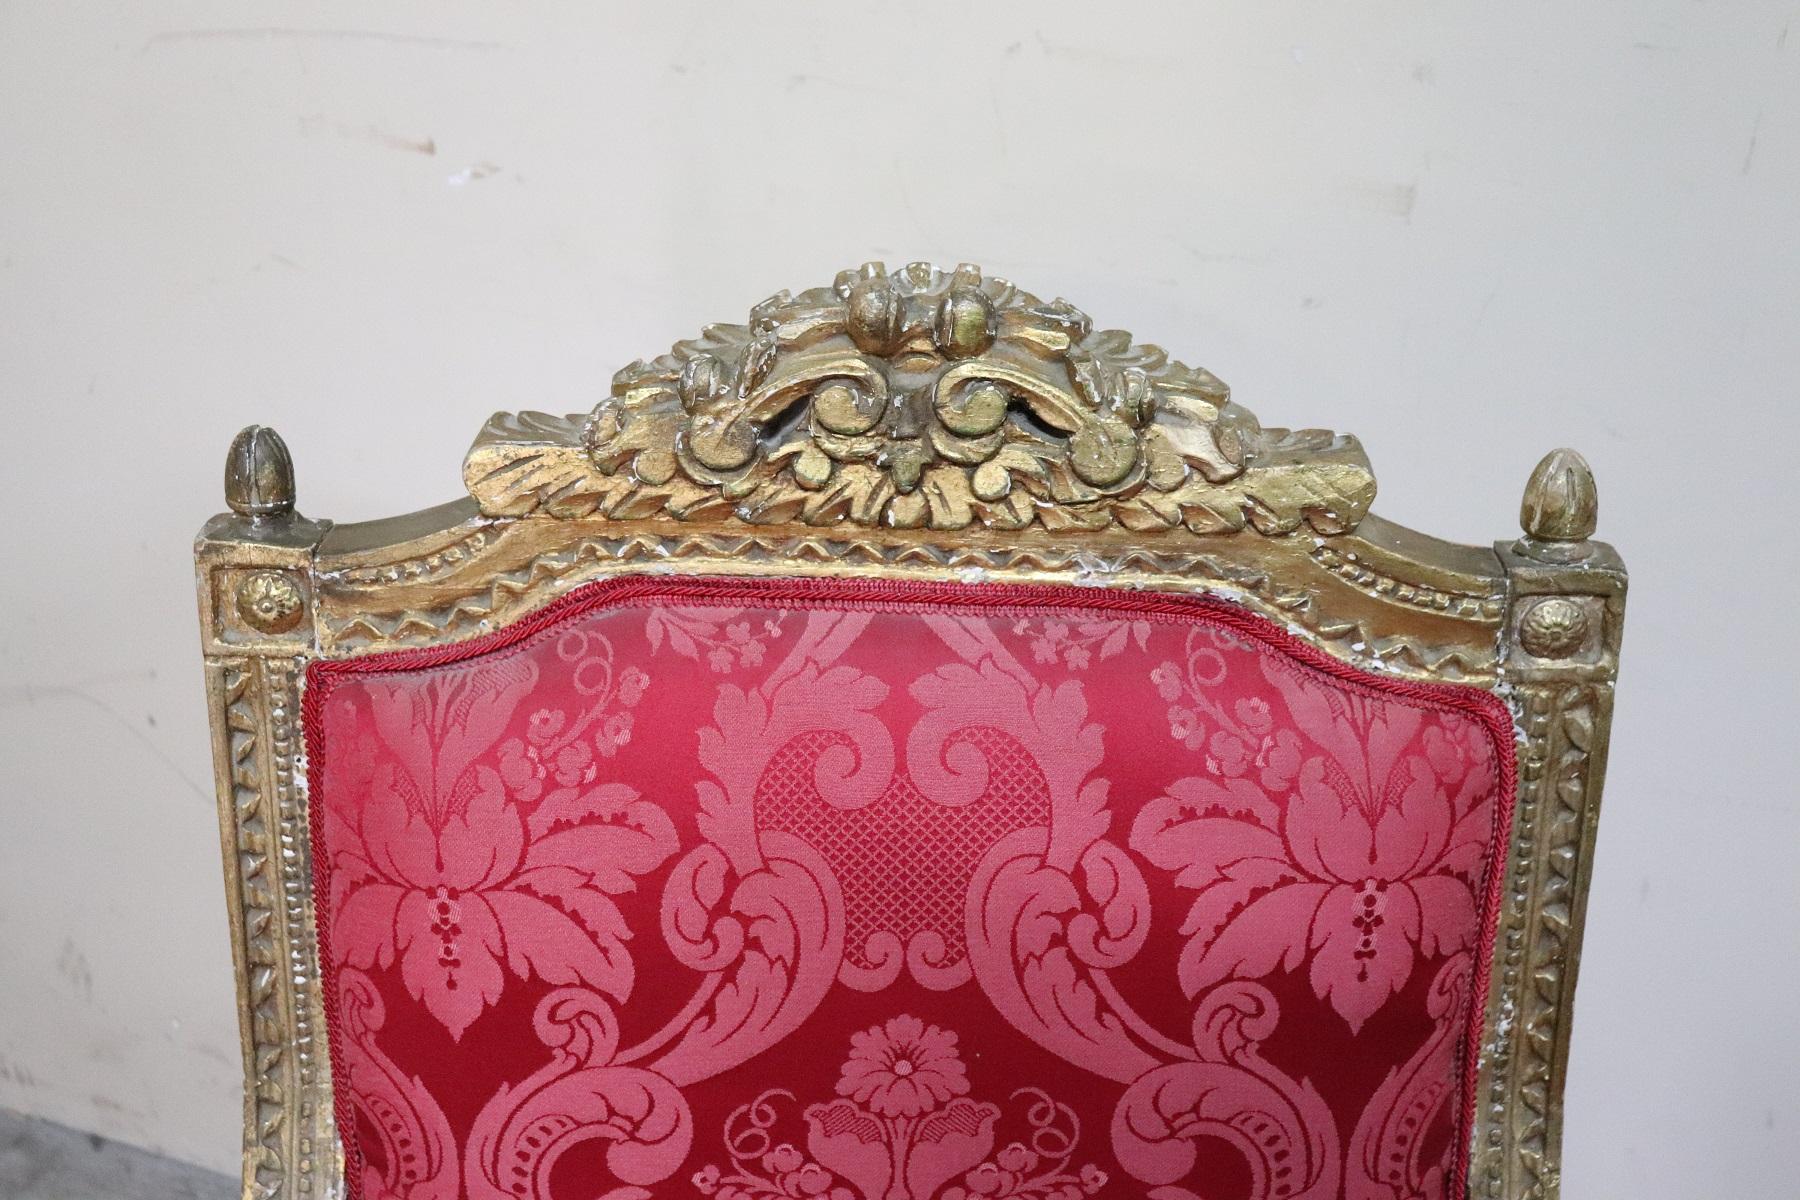 thumb2|Coppia di poltrone in stile antico Luigi XVI legno intagliato e dorato PREZZO TRATTABILE